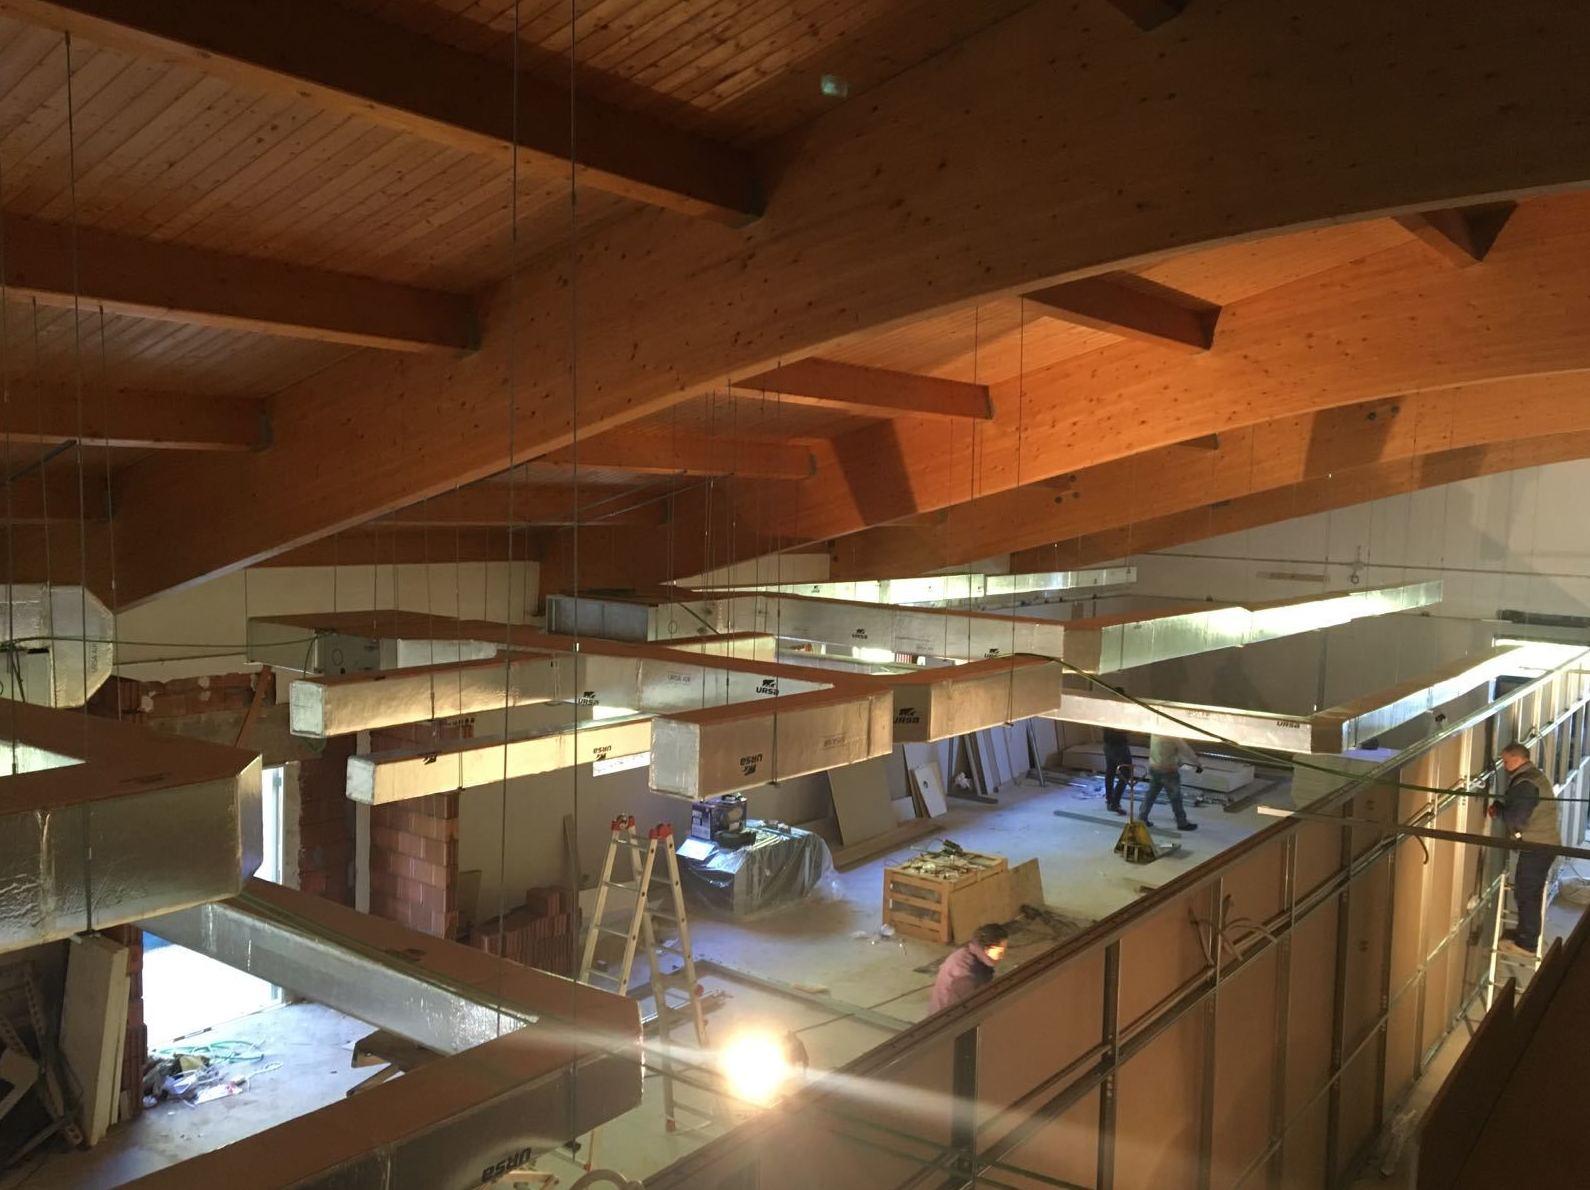 Foto 2 de Instalación de aire acondicionado en Valladolid | Isama Conductos